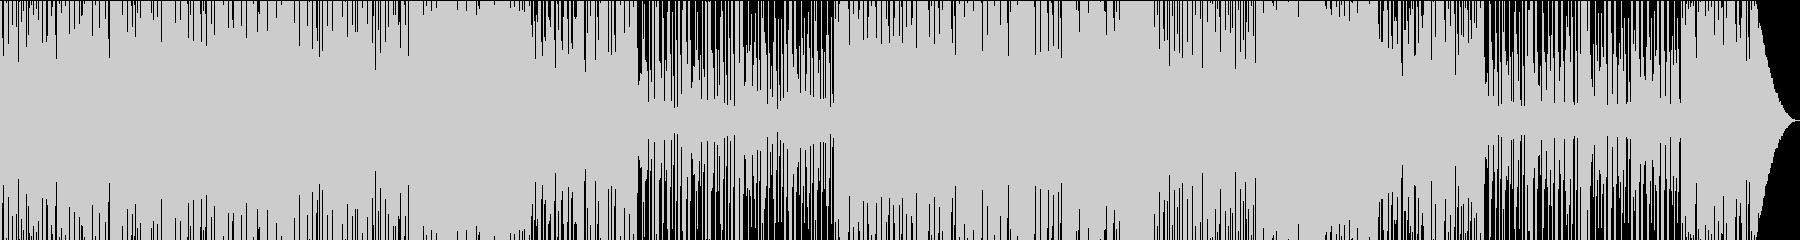 ダークで緊迫したドラムンベースの未再生の波形